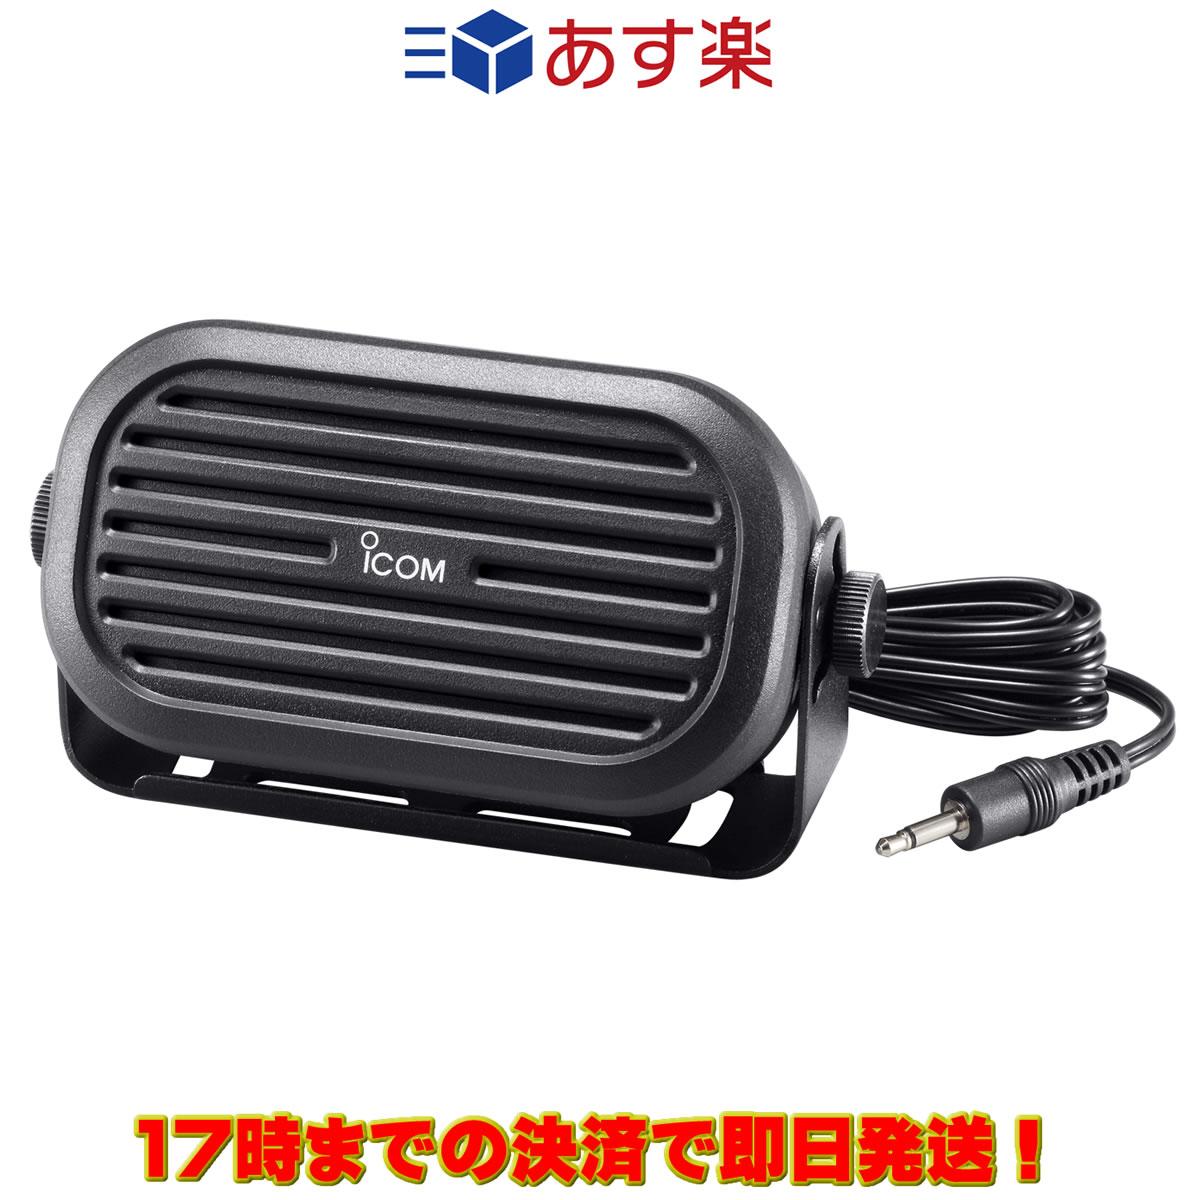 【ラッキーシール対応】 SP-35 アイコム 外部スピーカー